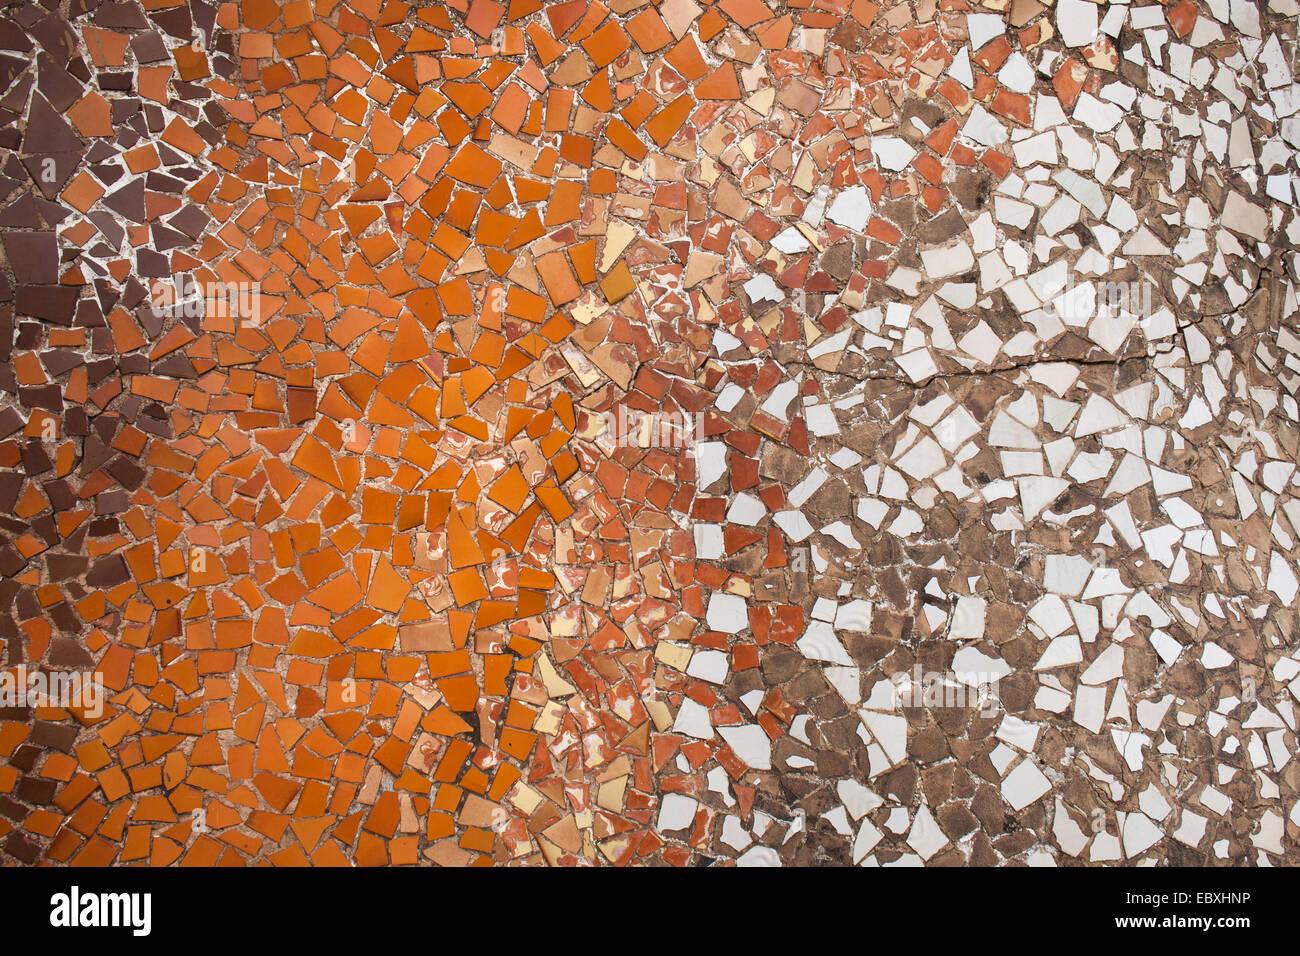 Mosaico trencadis sfondo o texture da pezzi rotti di piastrelle di